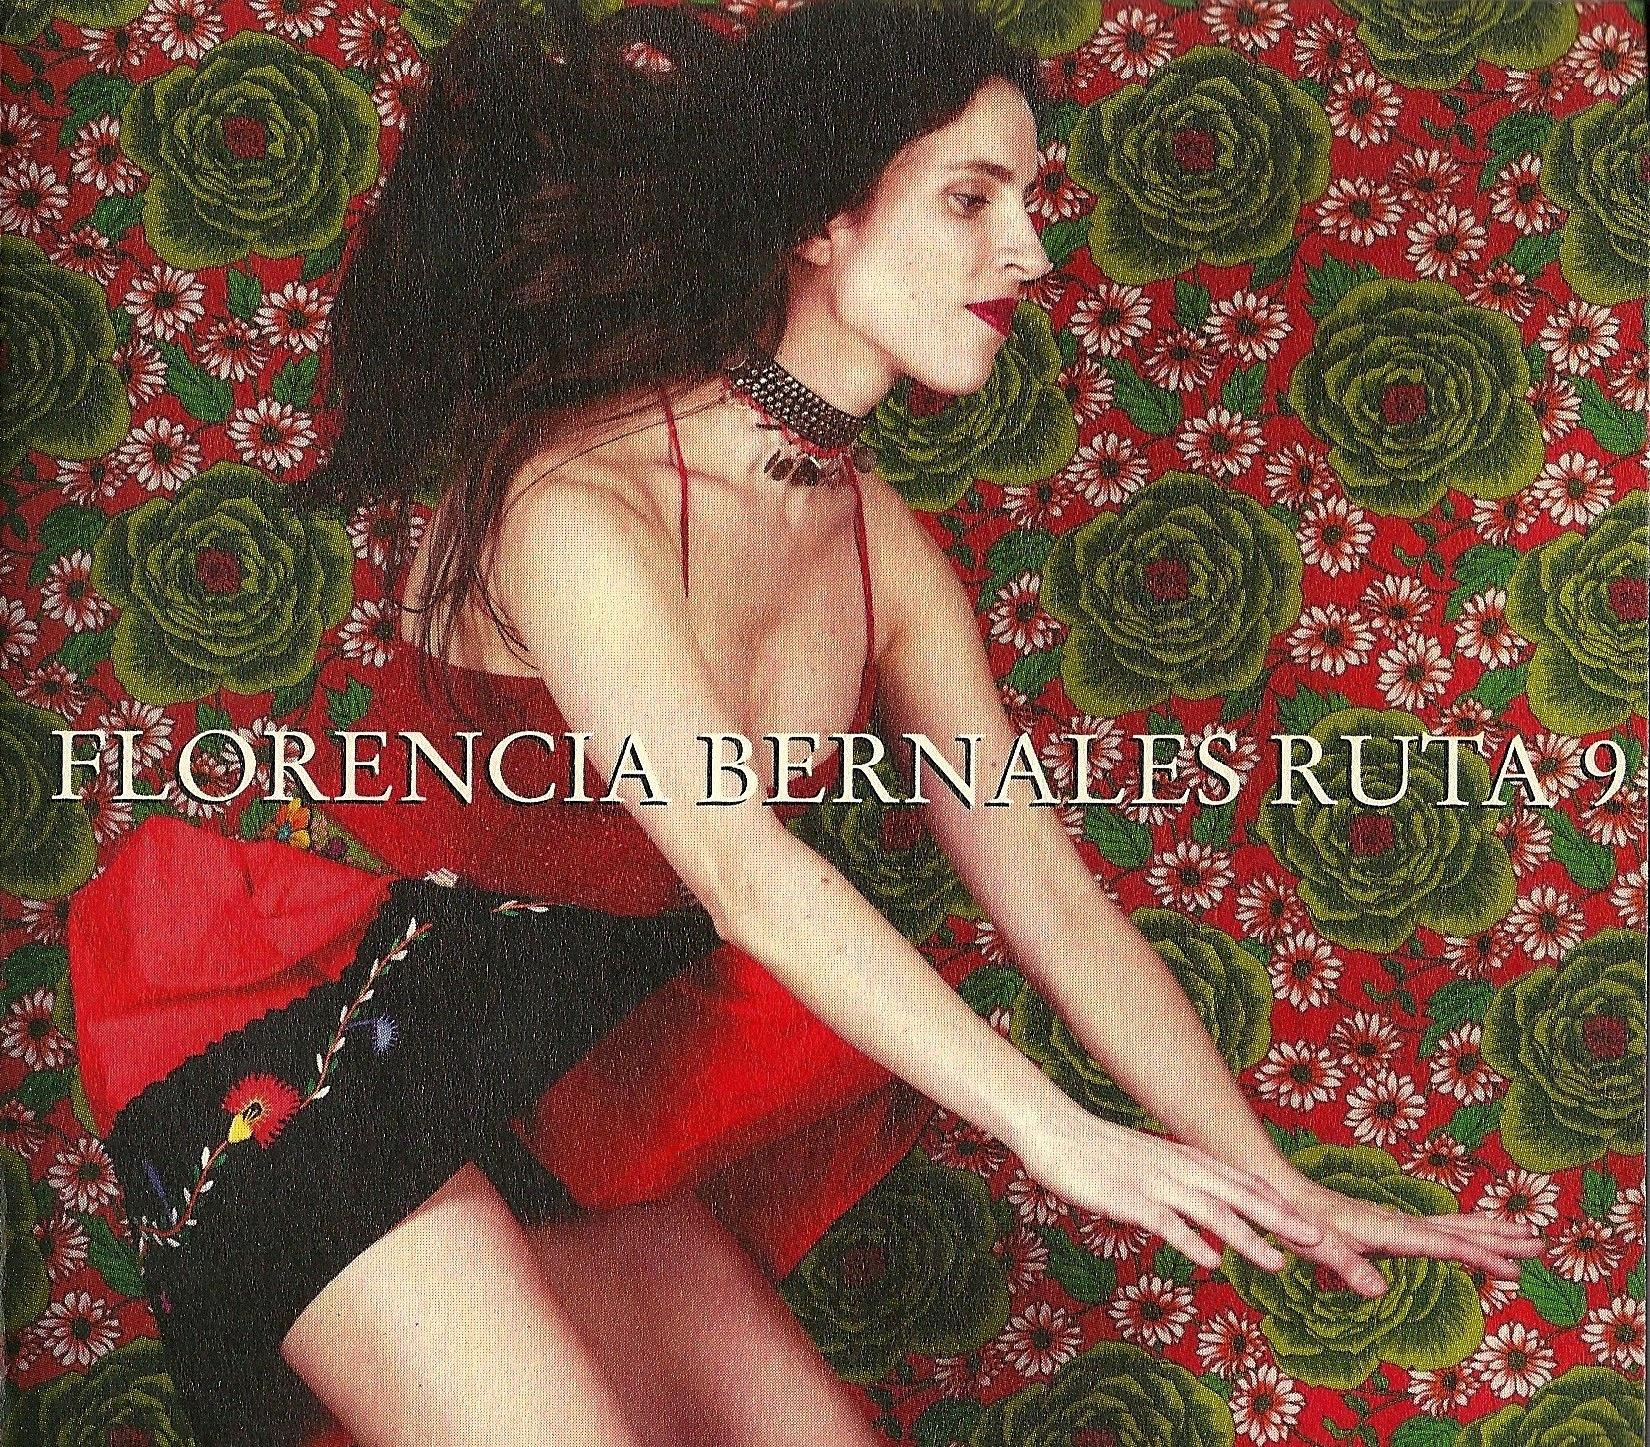 18 2010 Ruta 9 - Florencia Bernales.jpg